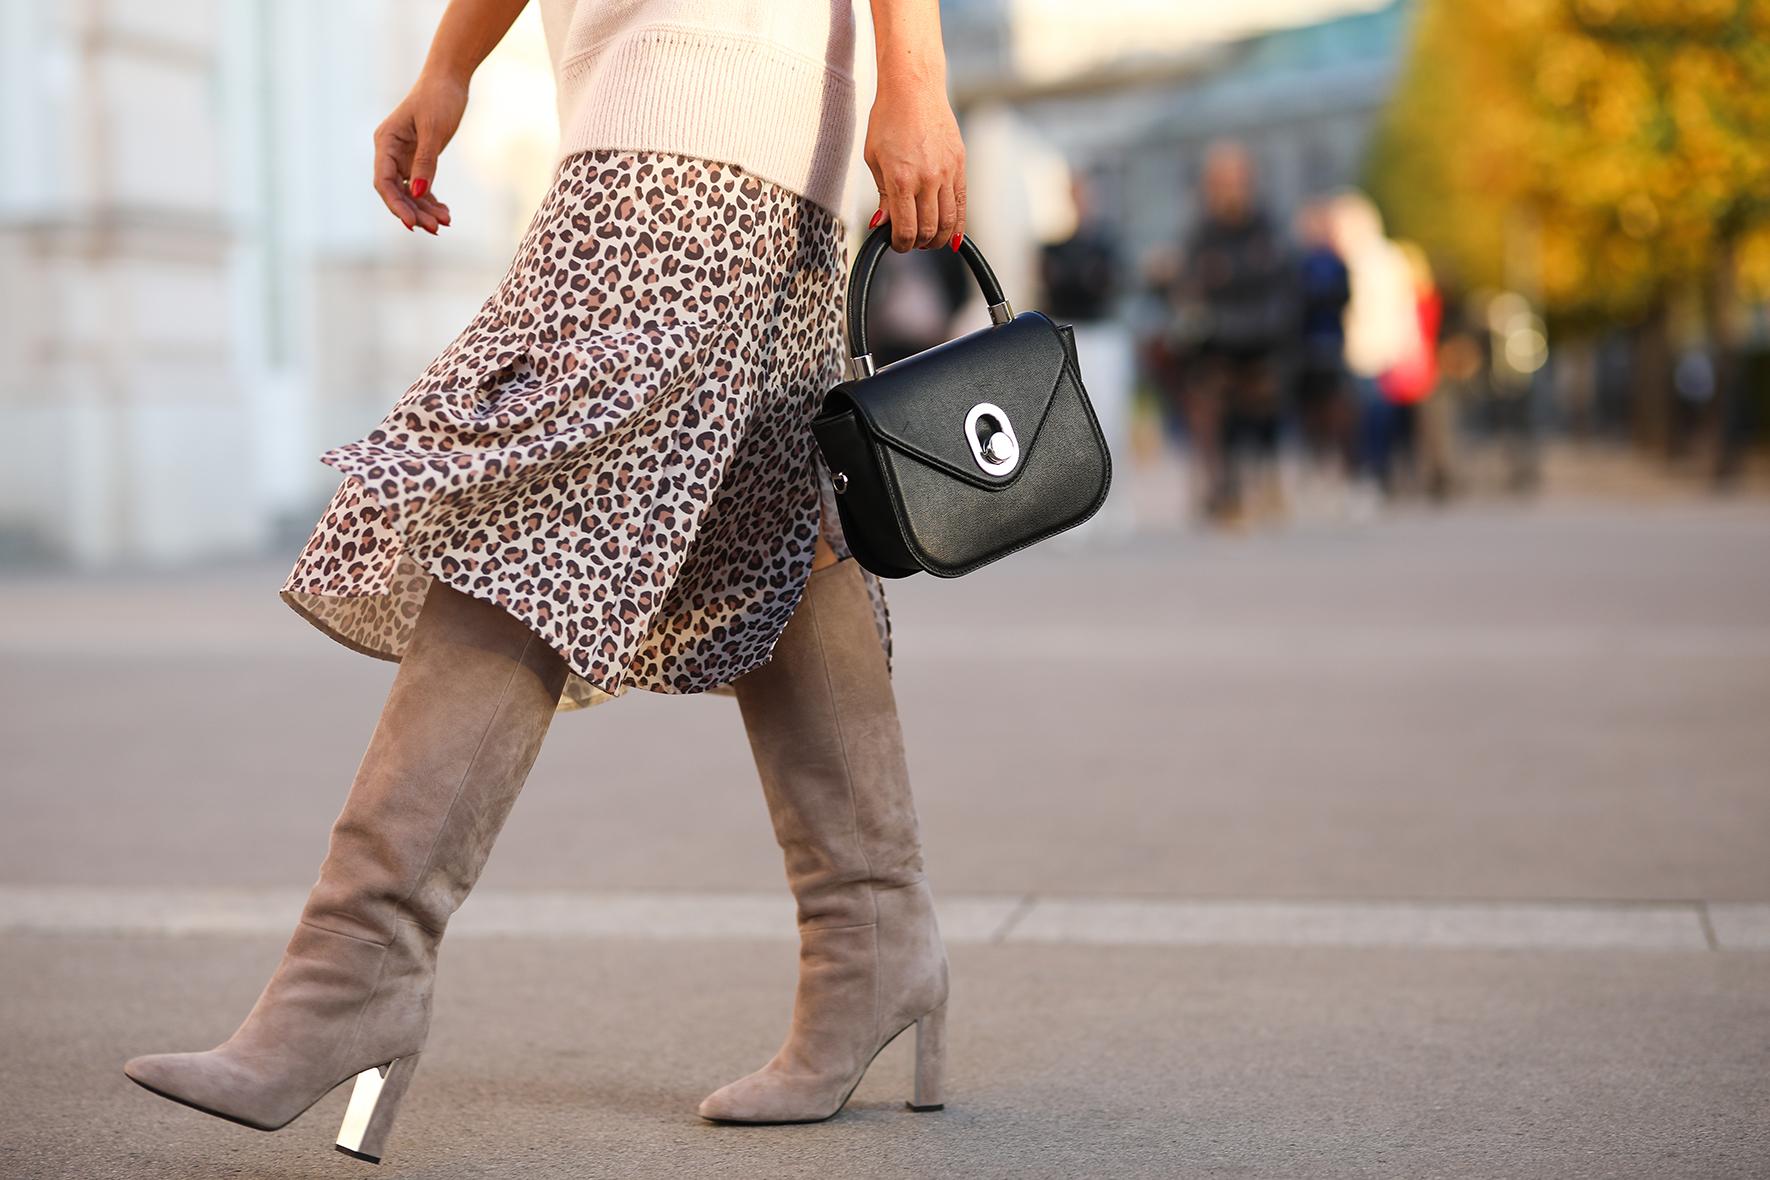 Stiefel: Diese Modelle kaschieren kräftige Waden | GRAZIA